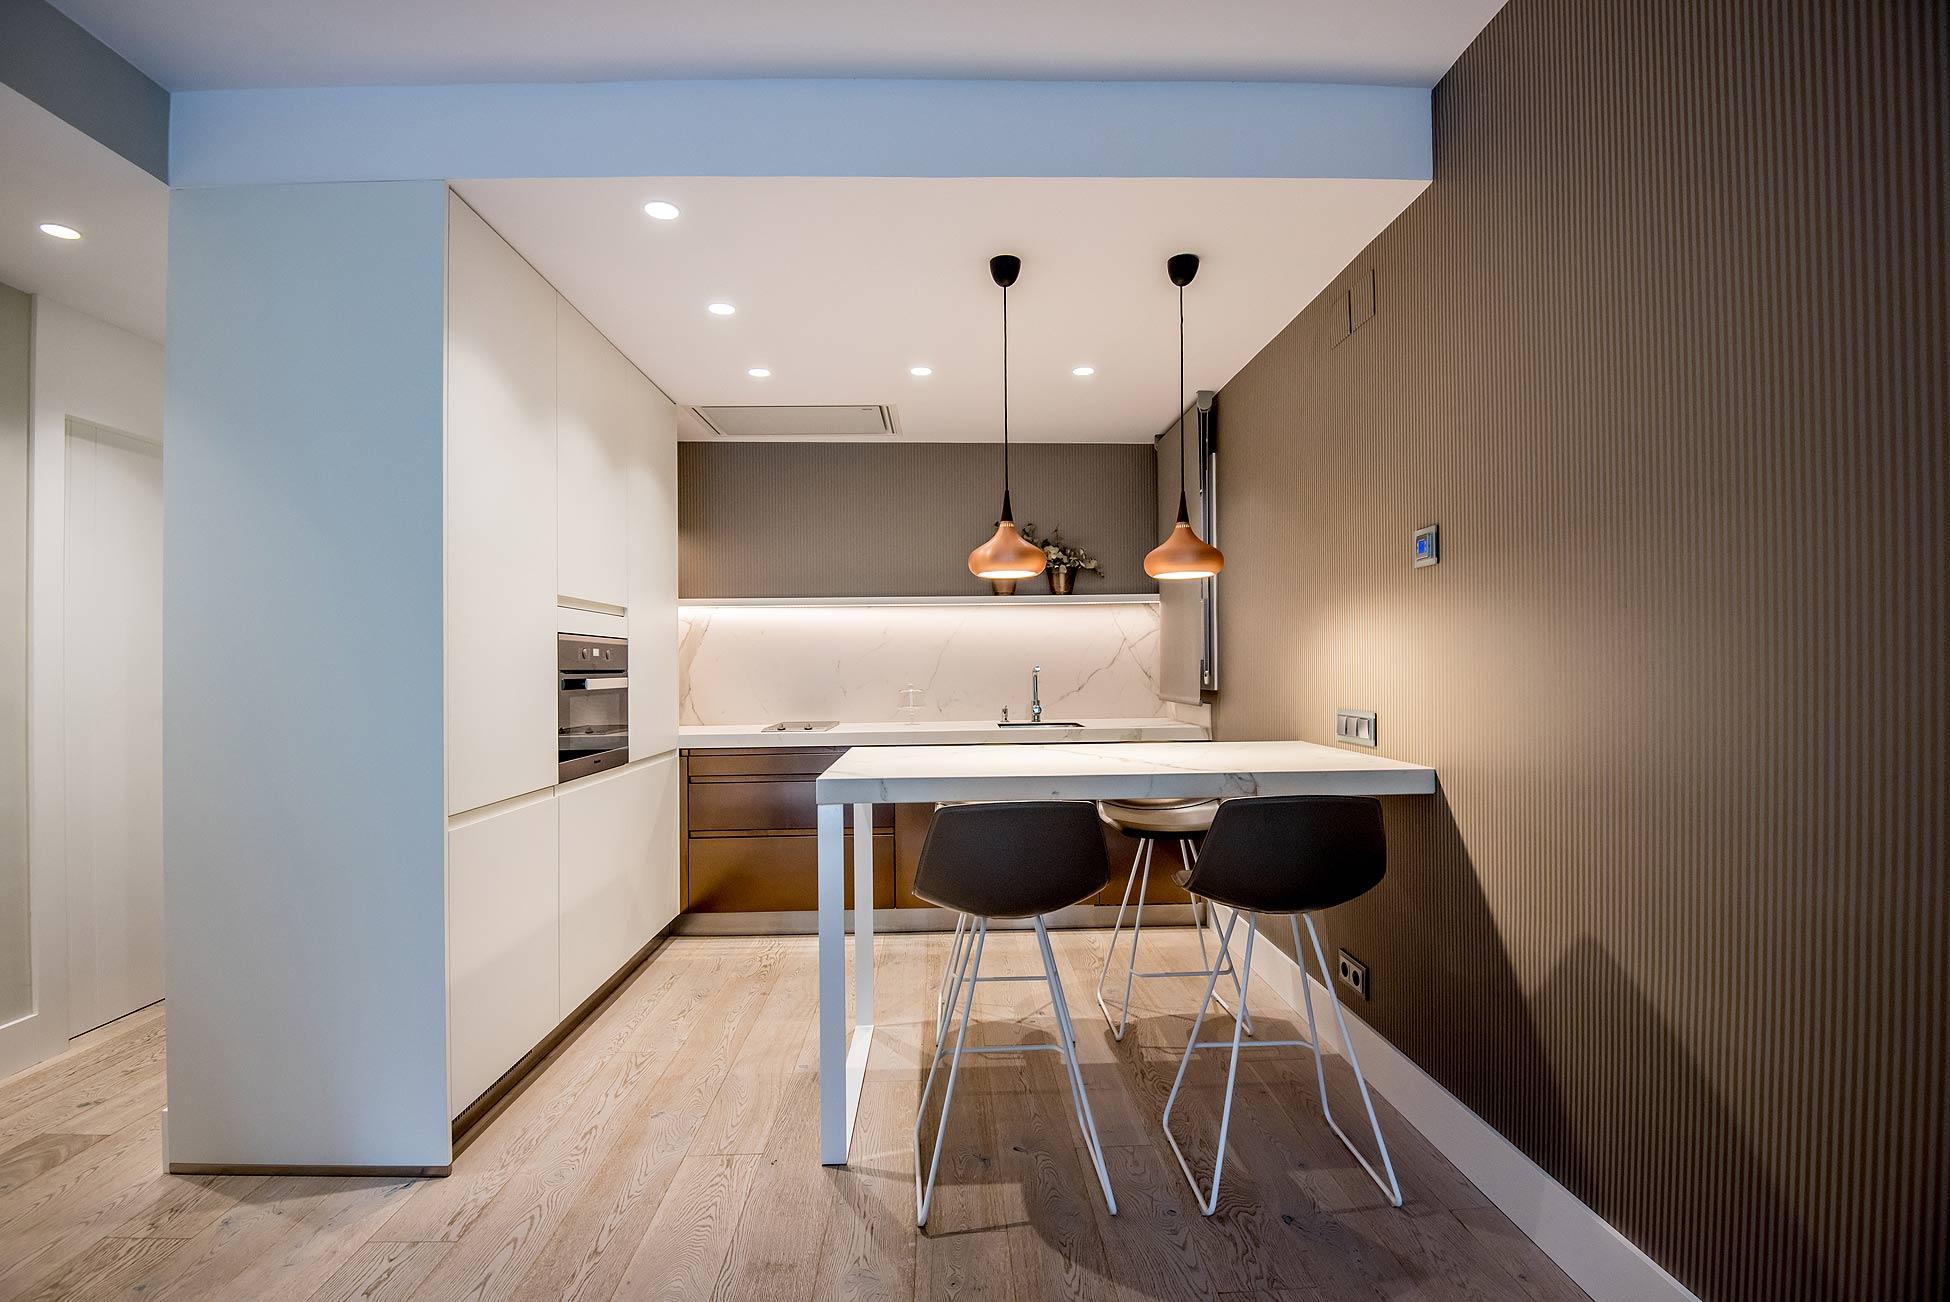 Cocina integrada en el salón comedor con toques en bronce